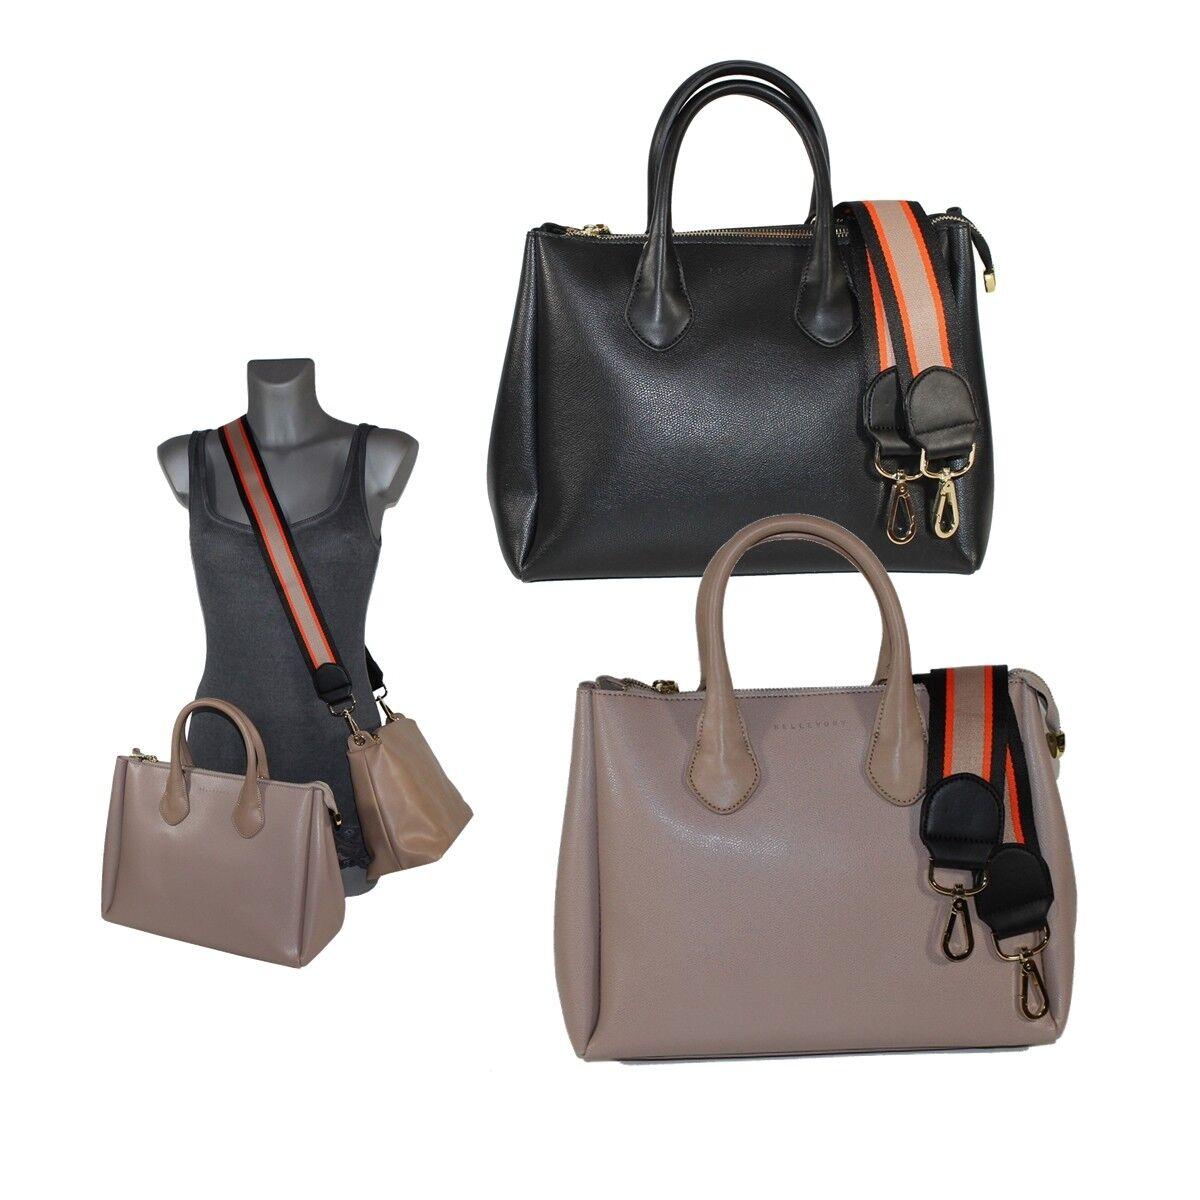 Bellevory  Exklusive Damen Handtasche Henkeltasche mit buntem Umhängeriemen GX0